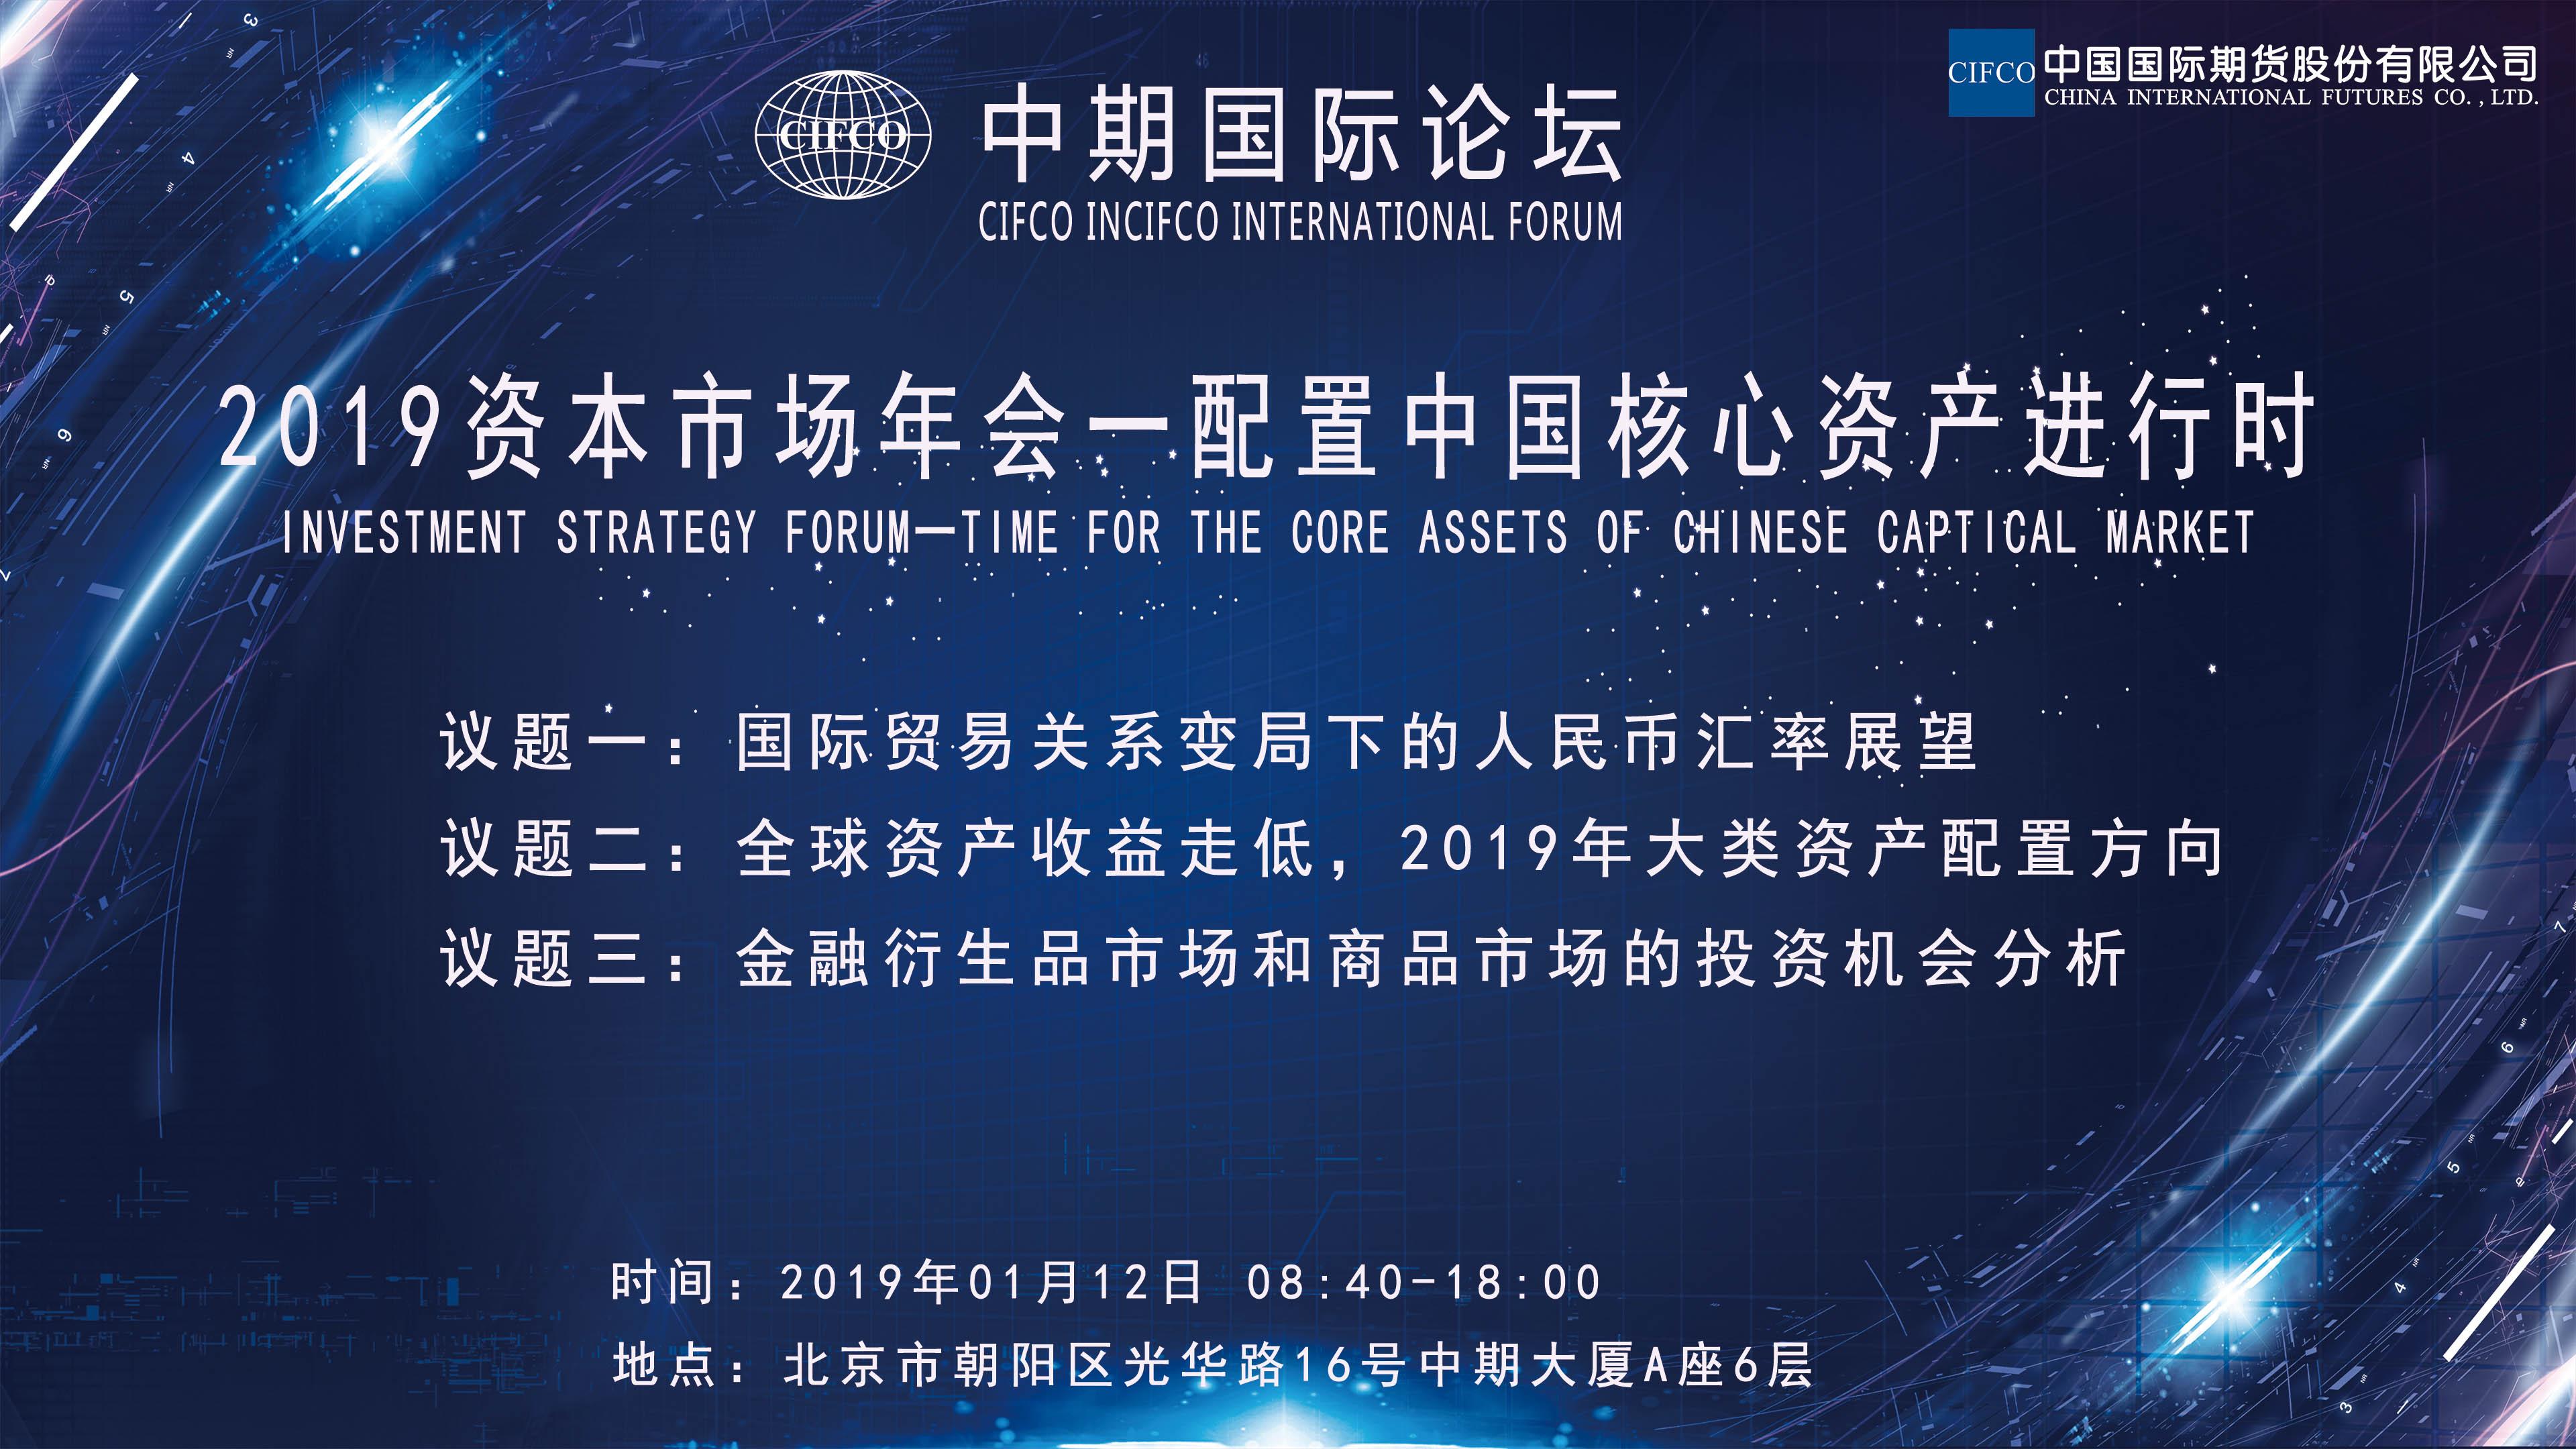 【易胜博国际论坛】2019年资本市场年度策略会在京隆重召开